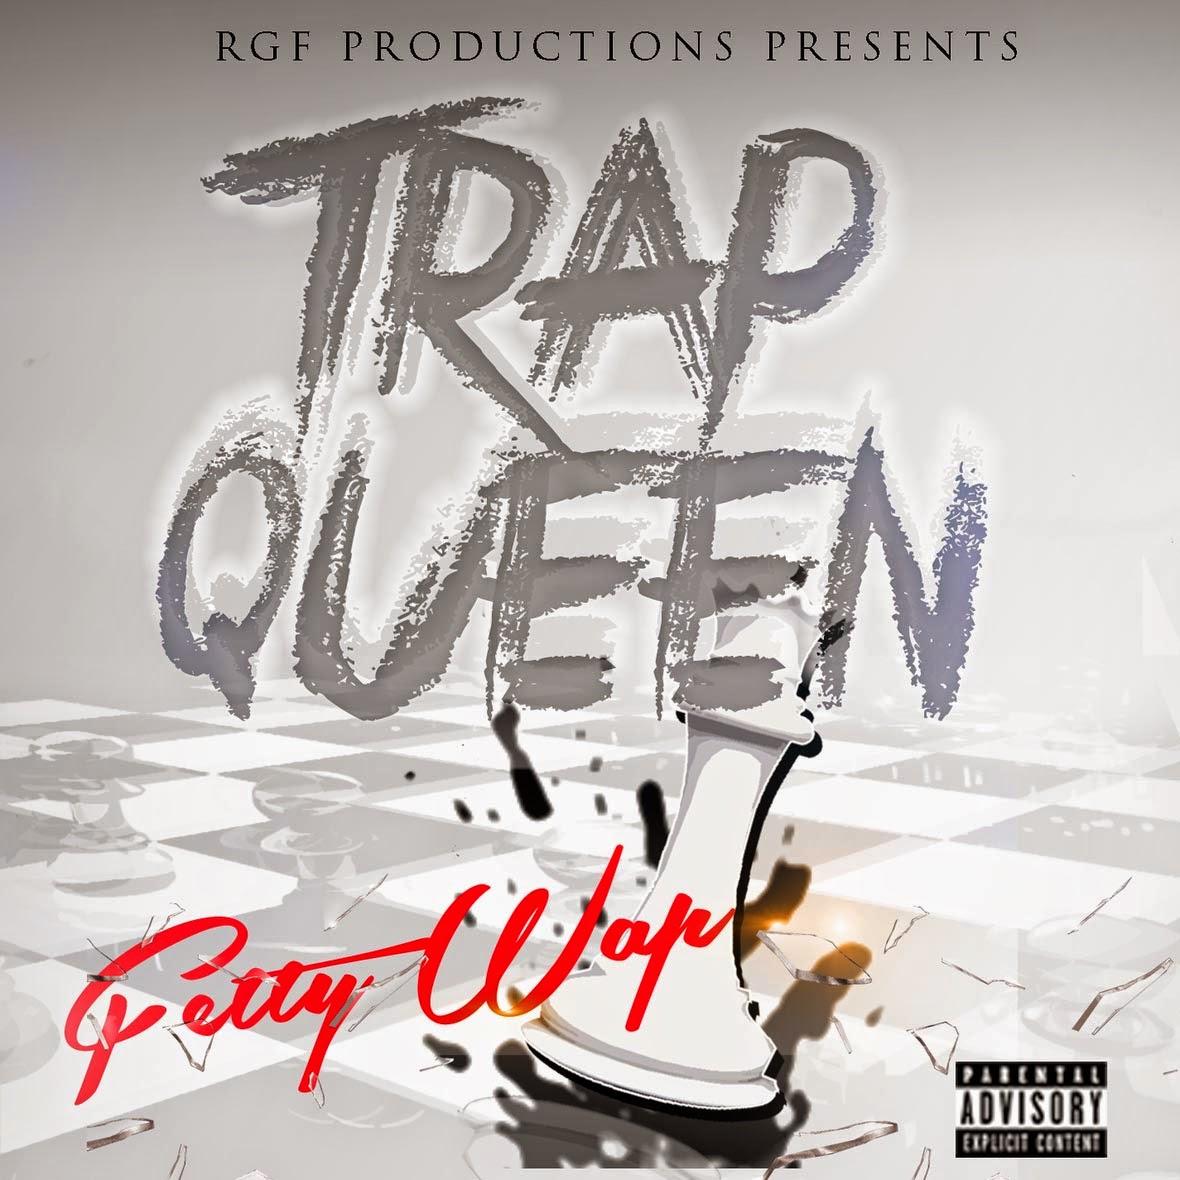 Todo letras traducidas letra traducida al espa ol de trap queen de fetty wap - Fotos trap ...